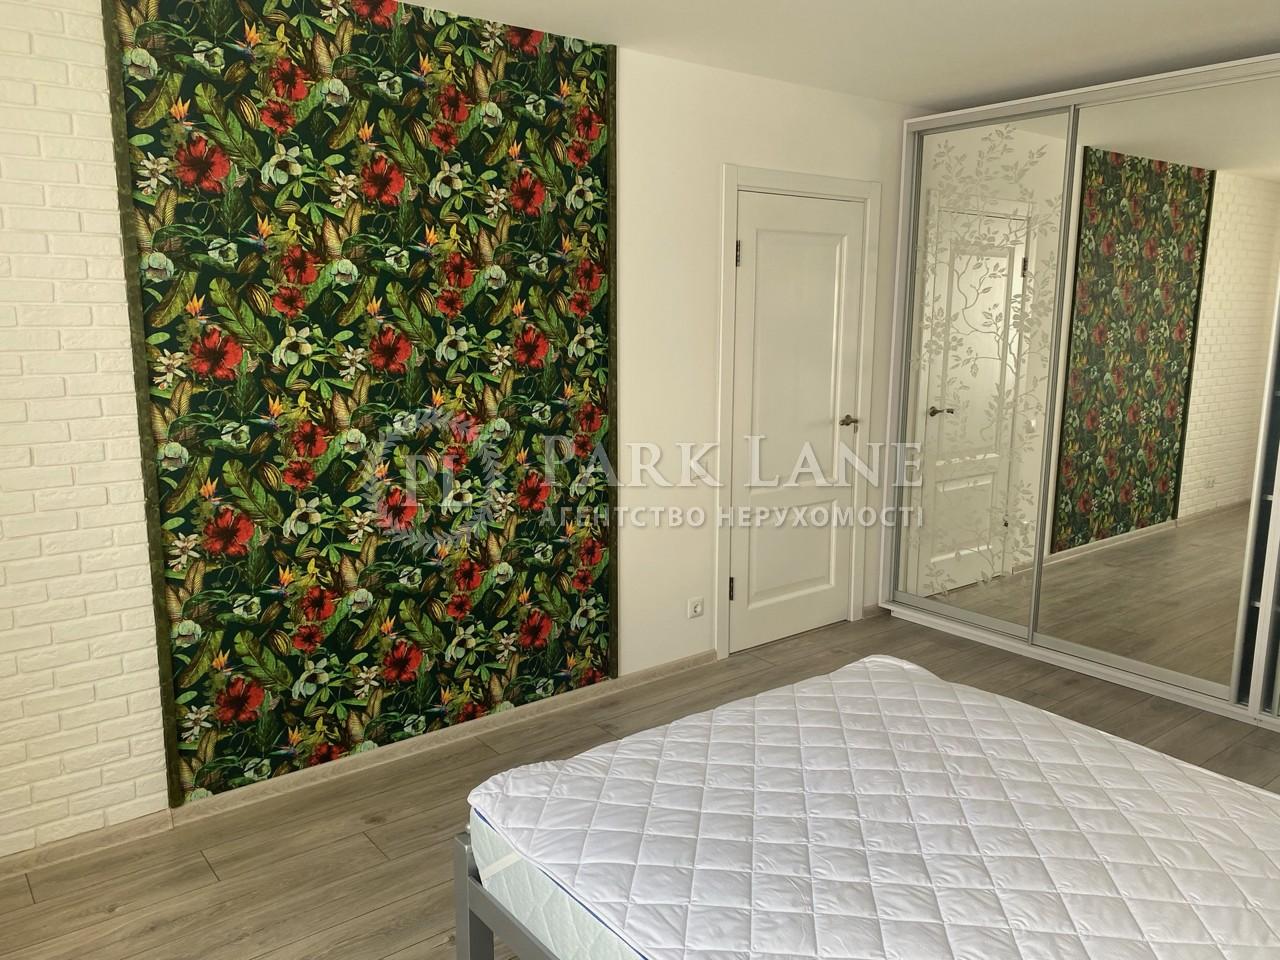 Квартира Моторный пер., 11, Киев, R-37137 - Фото 7